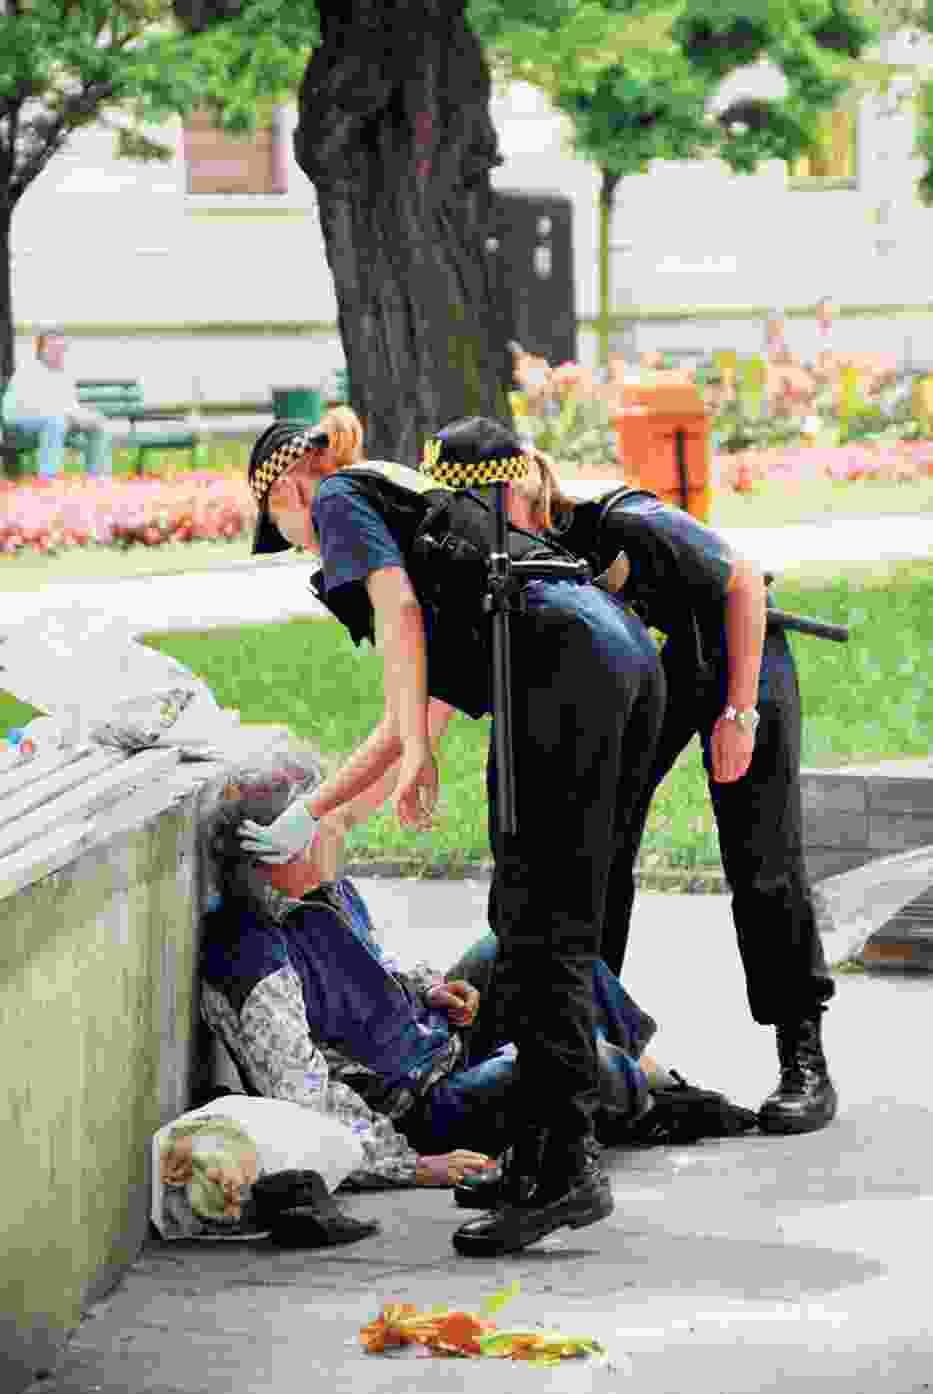 Straż miejska może tylko sprawdzić, czy osoba leżąca nie zasłabła lub nie jest pijana